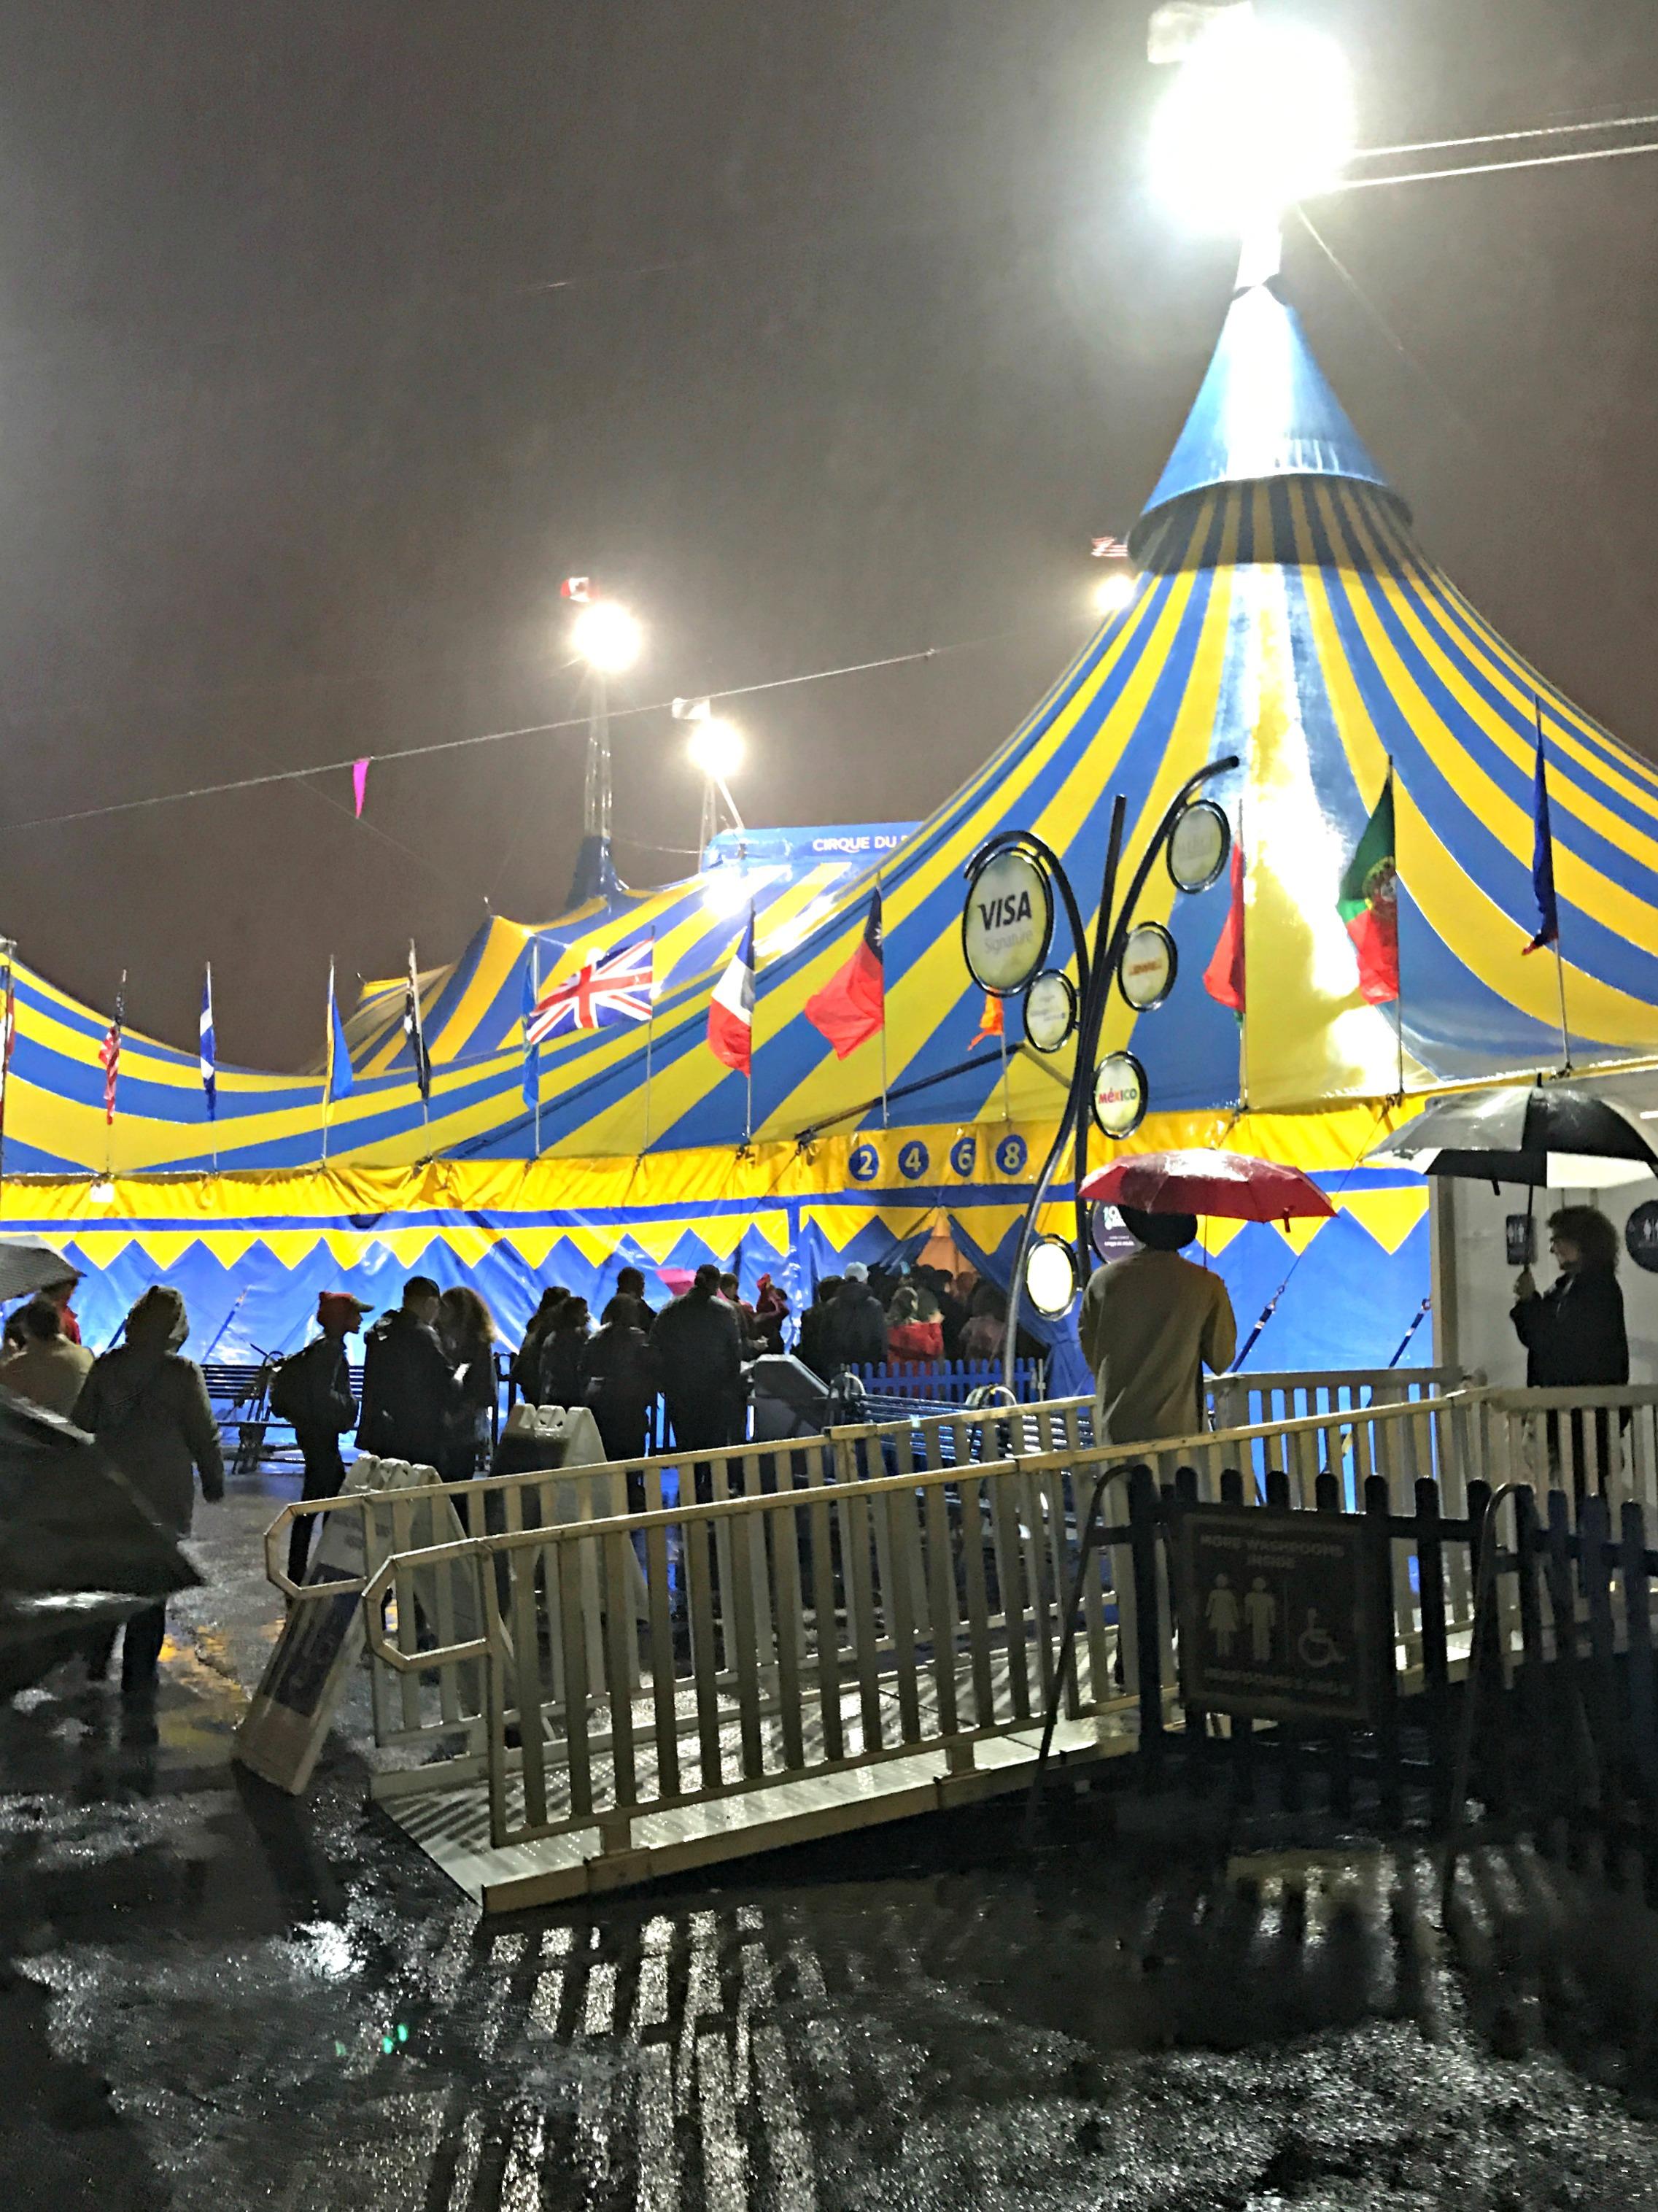 kurios-cirque-du-soleil-show